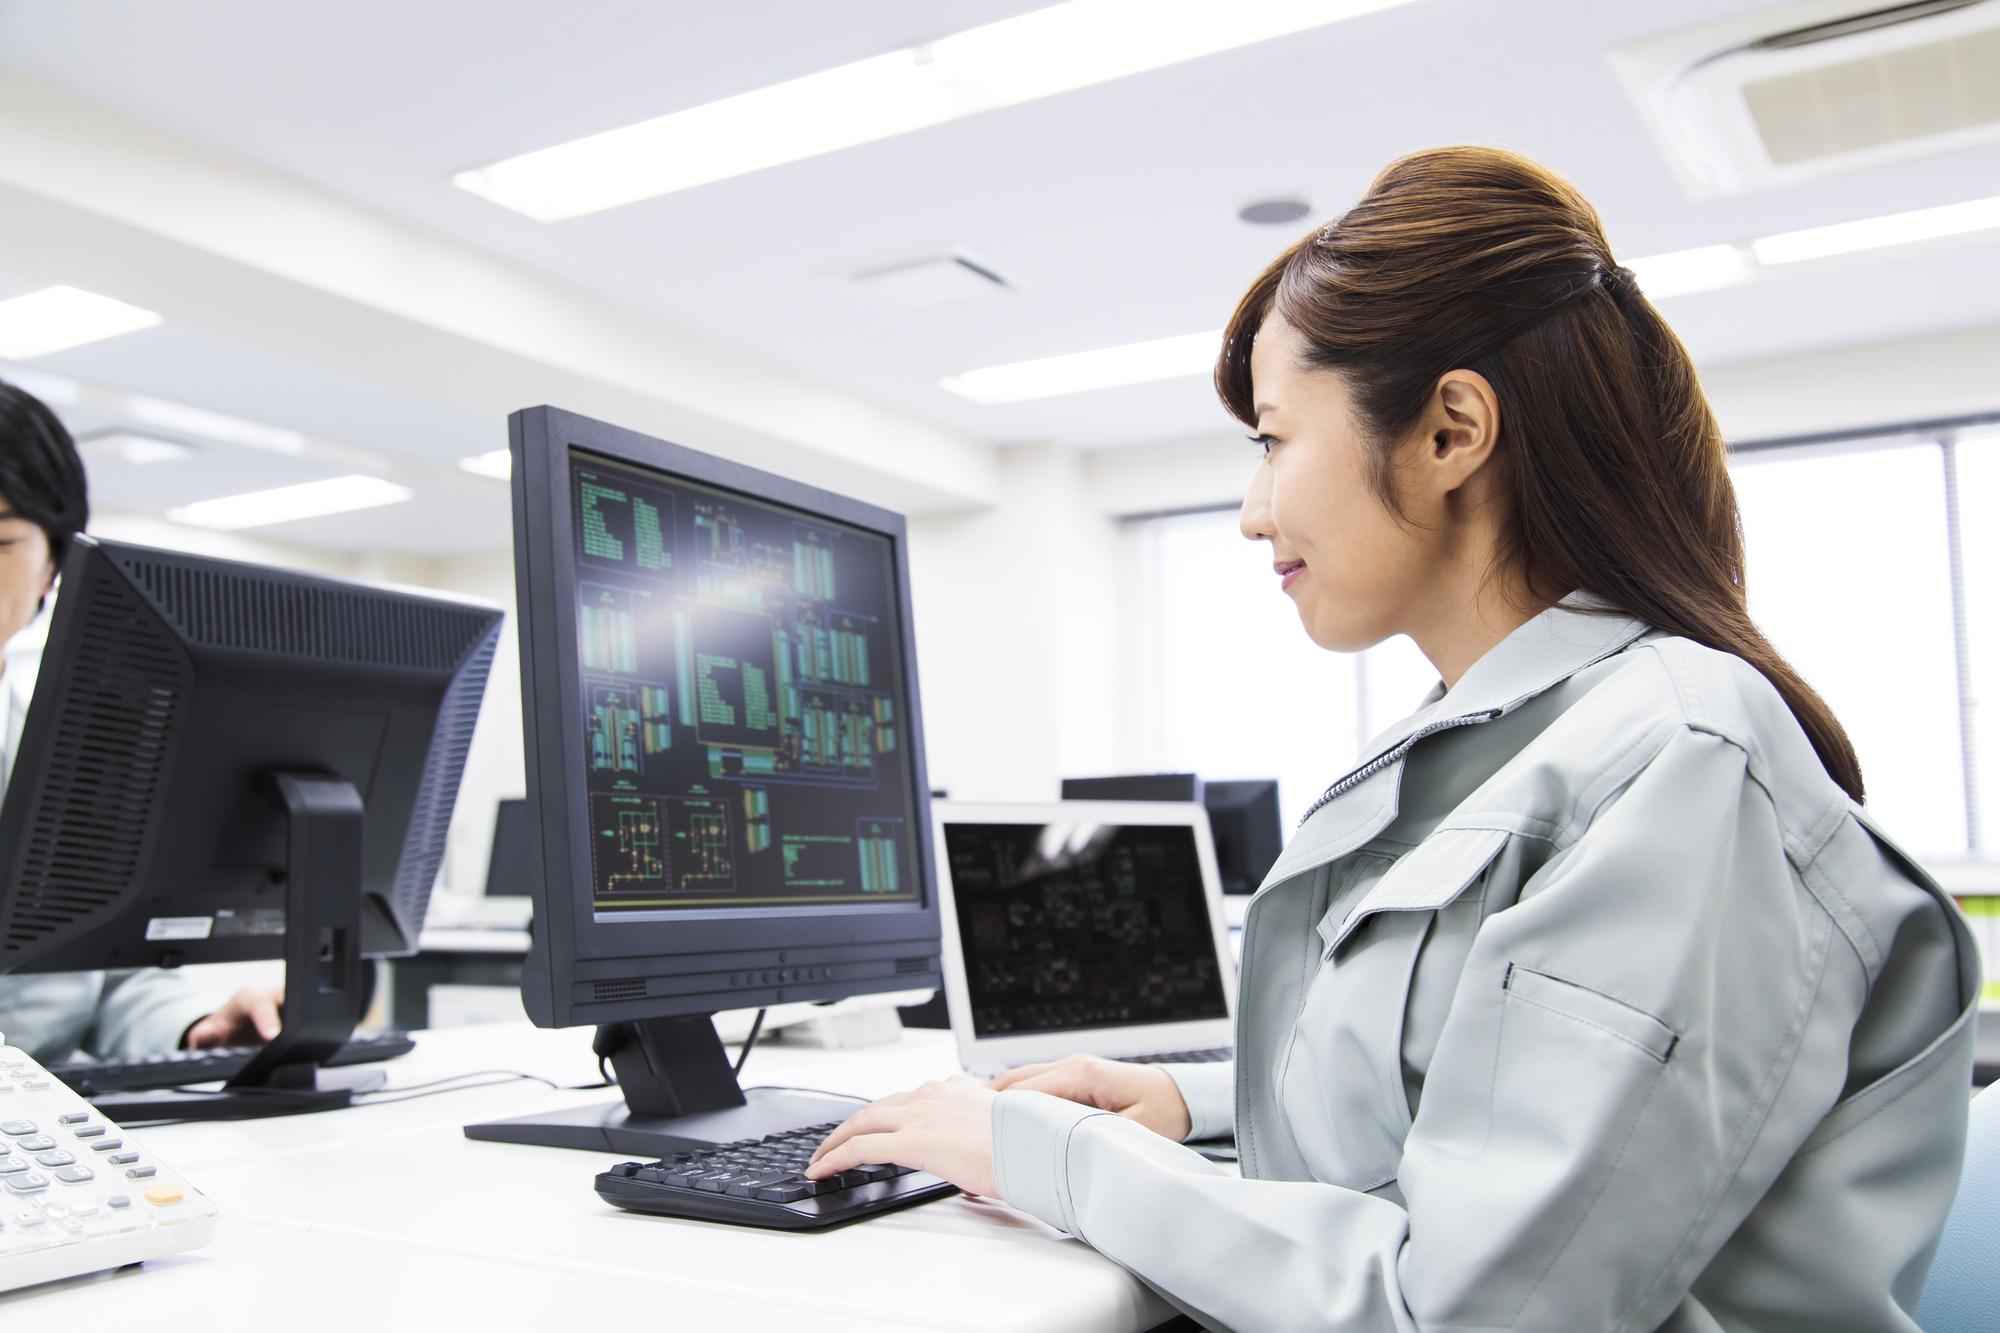 ジョブ型雇用とメンバーシップ型雇用とは? それぞれの違いとメリット・デメリットを解説_4